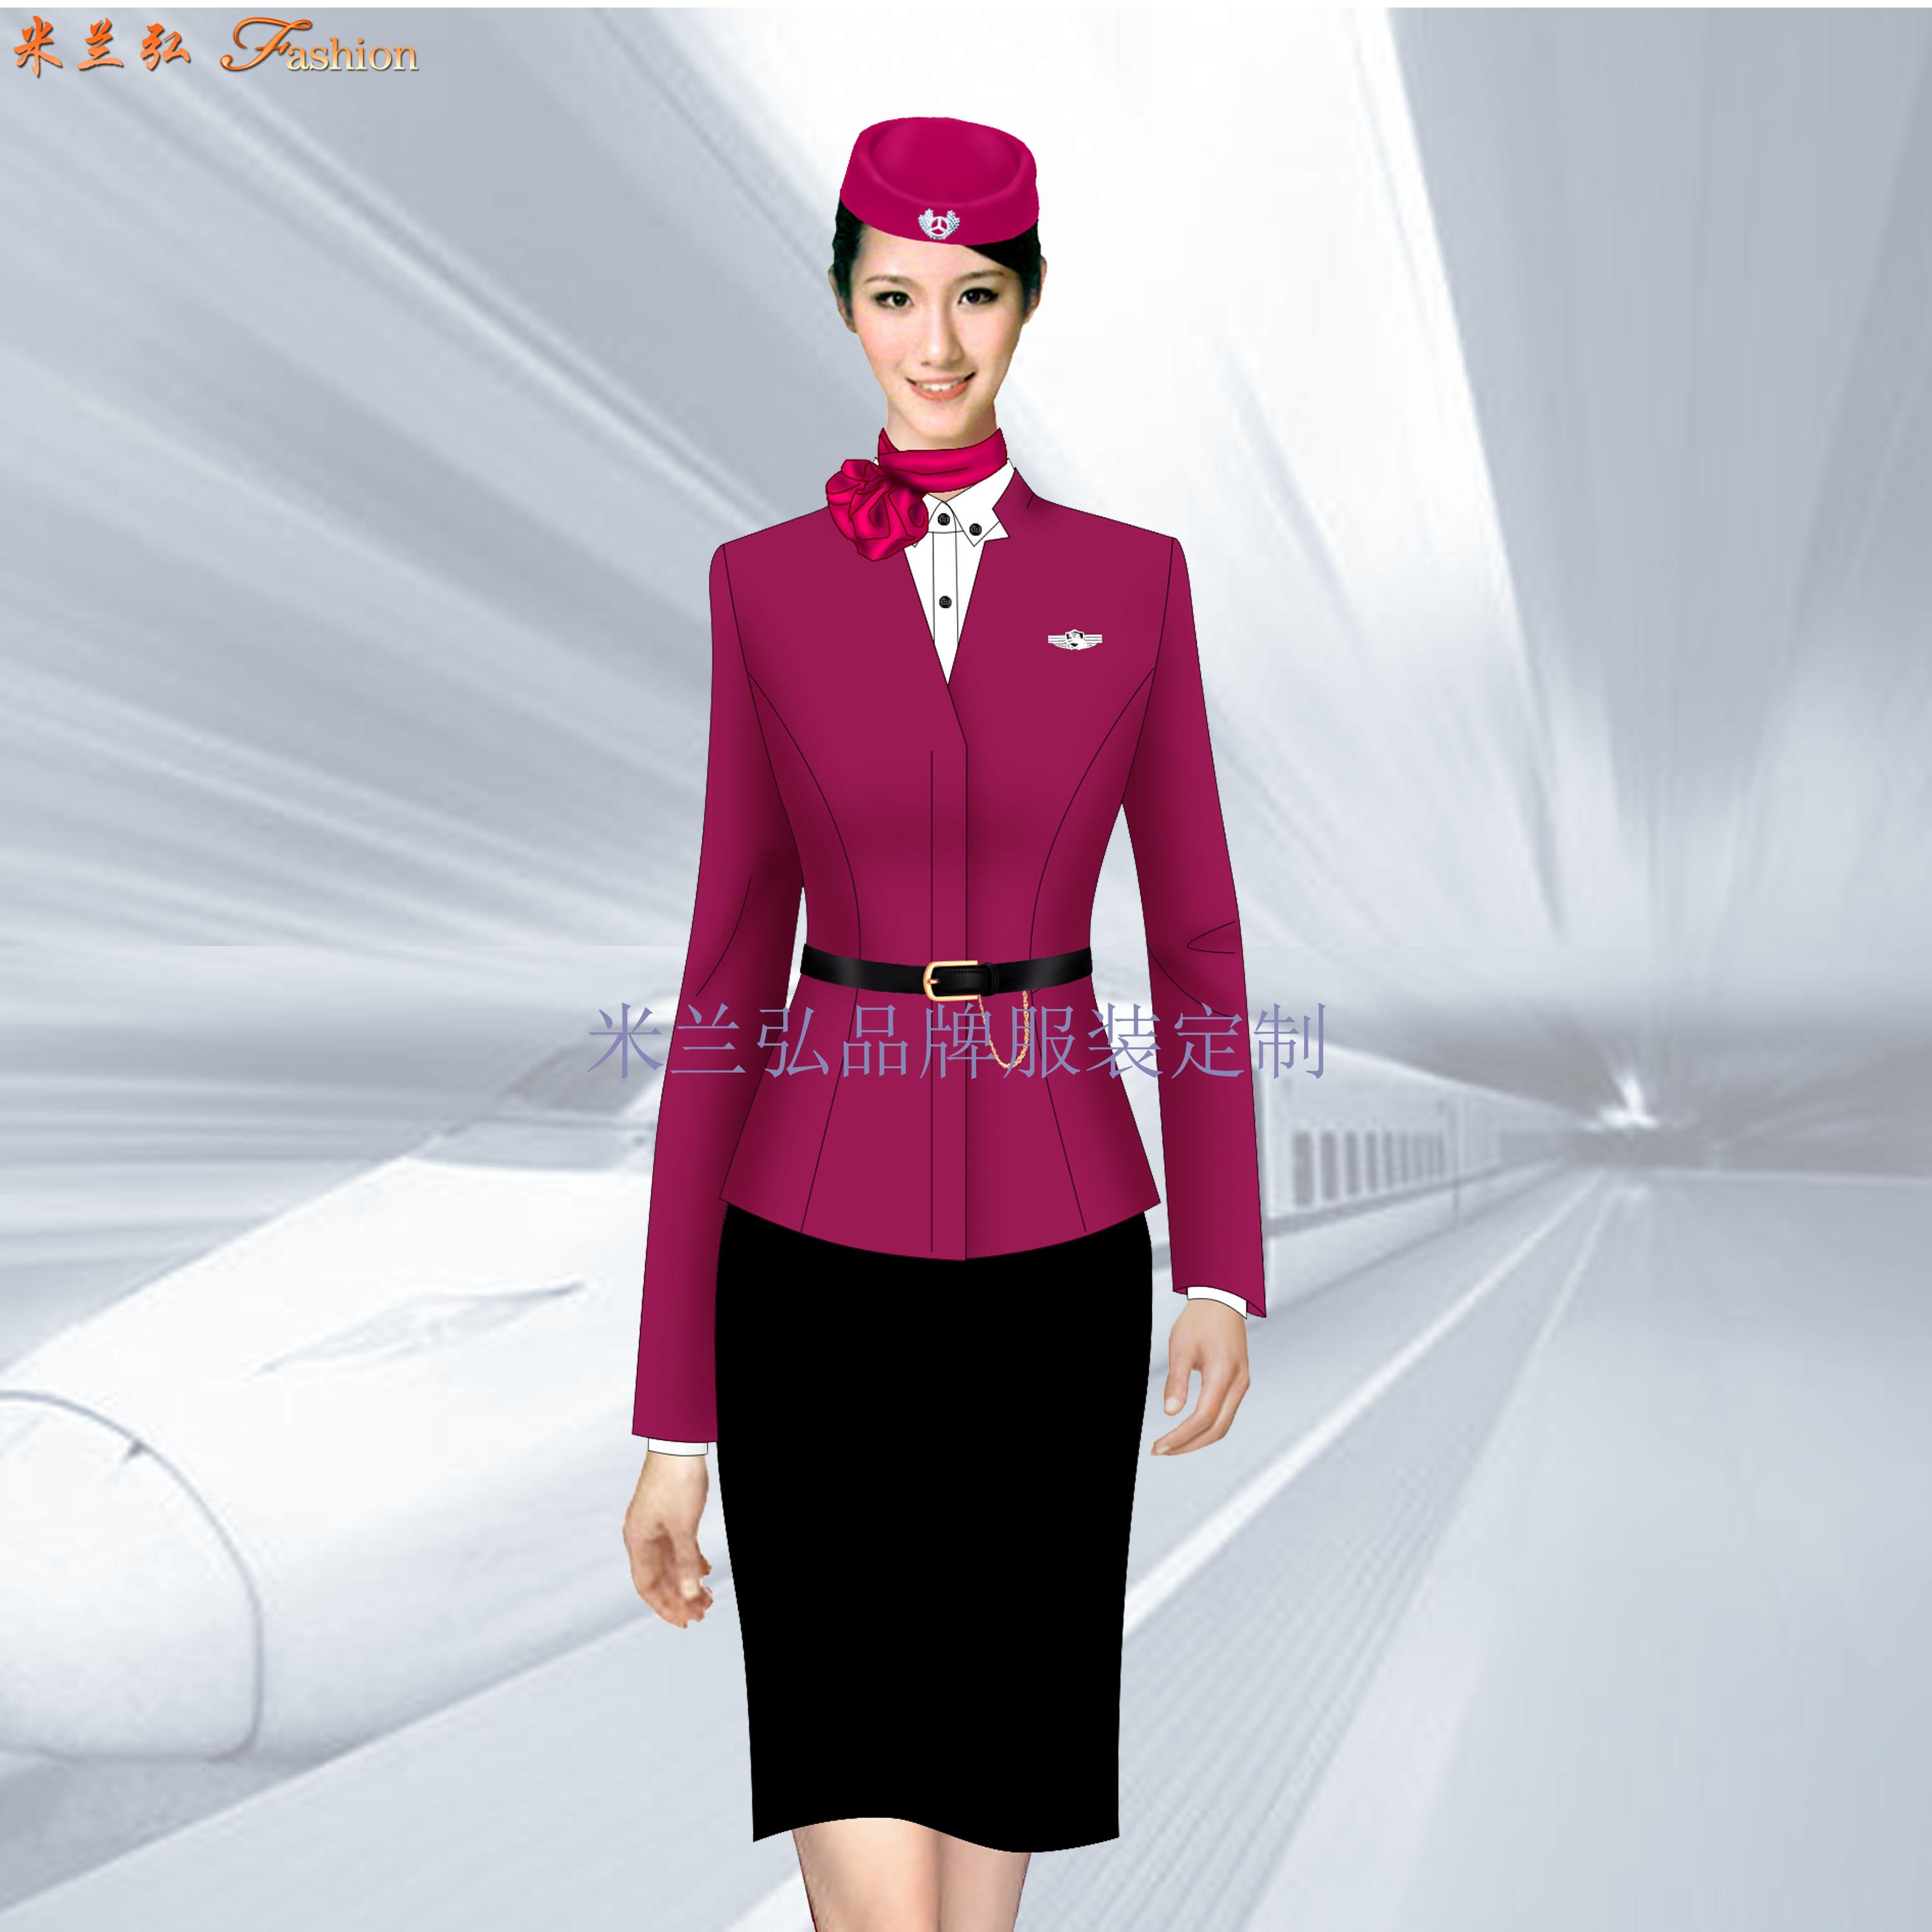 武汉高铁服装-武汉高铁工作服定制-蓝冠注册工服厂家-5